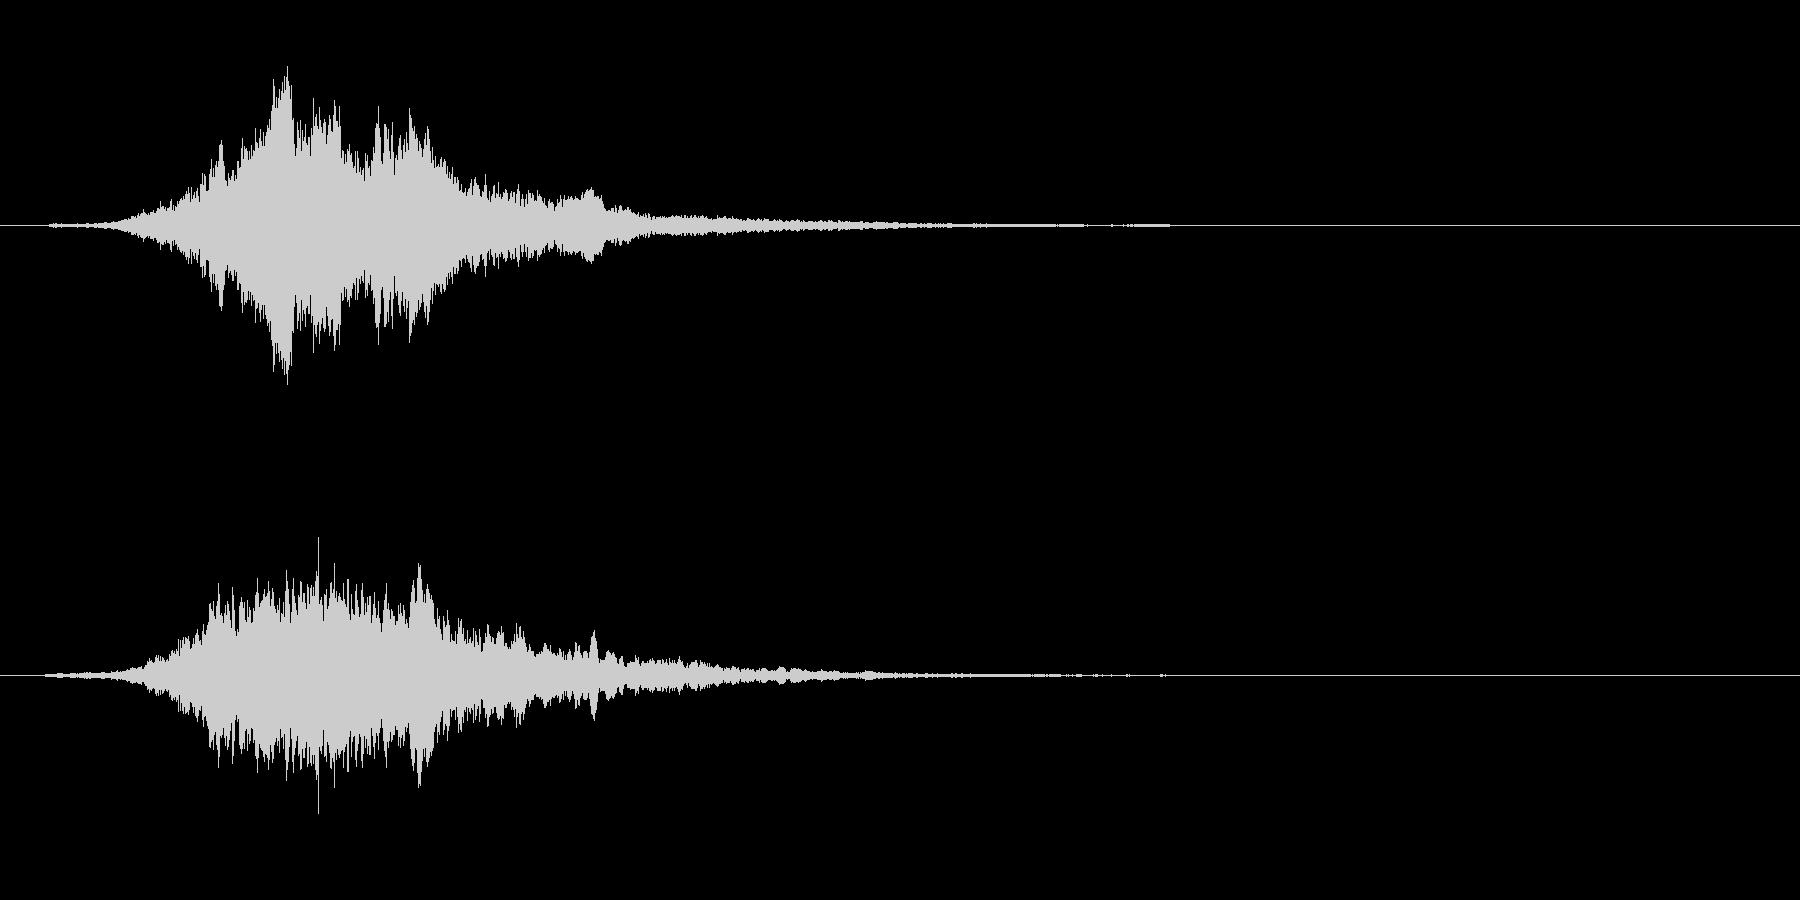 ホラー系のPad(恐怖演出)の未再生の波形